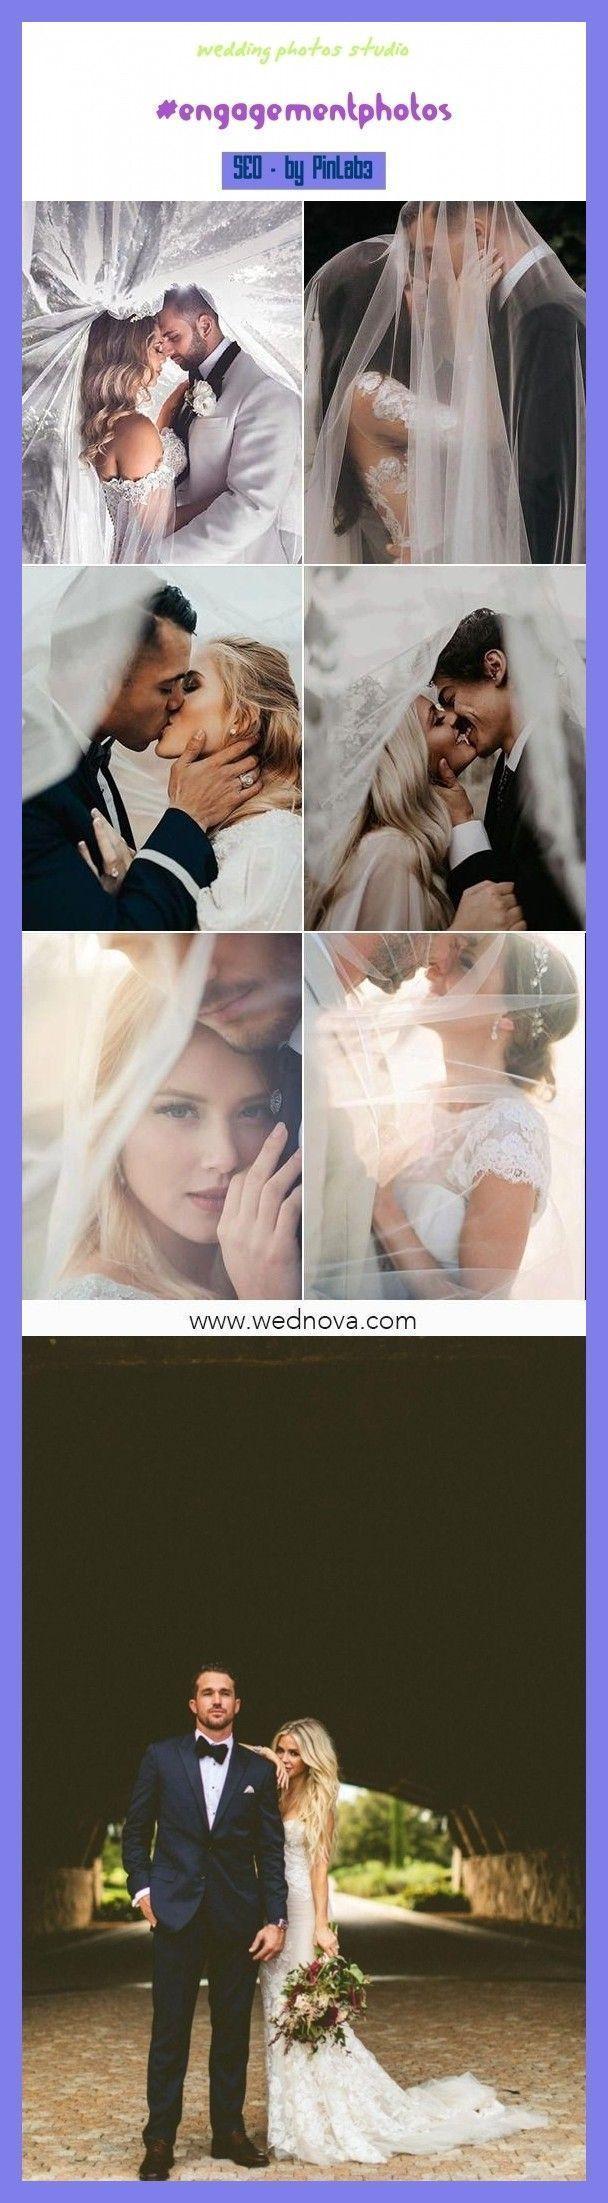 Wedding photos studio #wedding #photos #studio Hochzeitsfotos Studio ,  studio d...#hochzeitsfotos #photos #studio #wedding